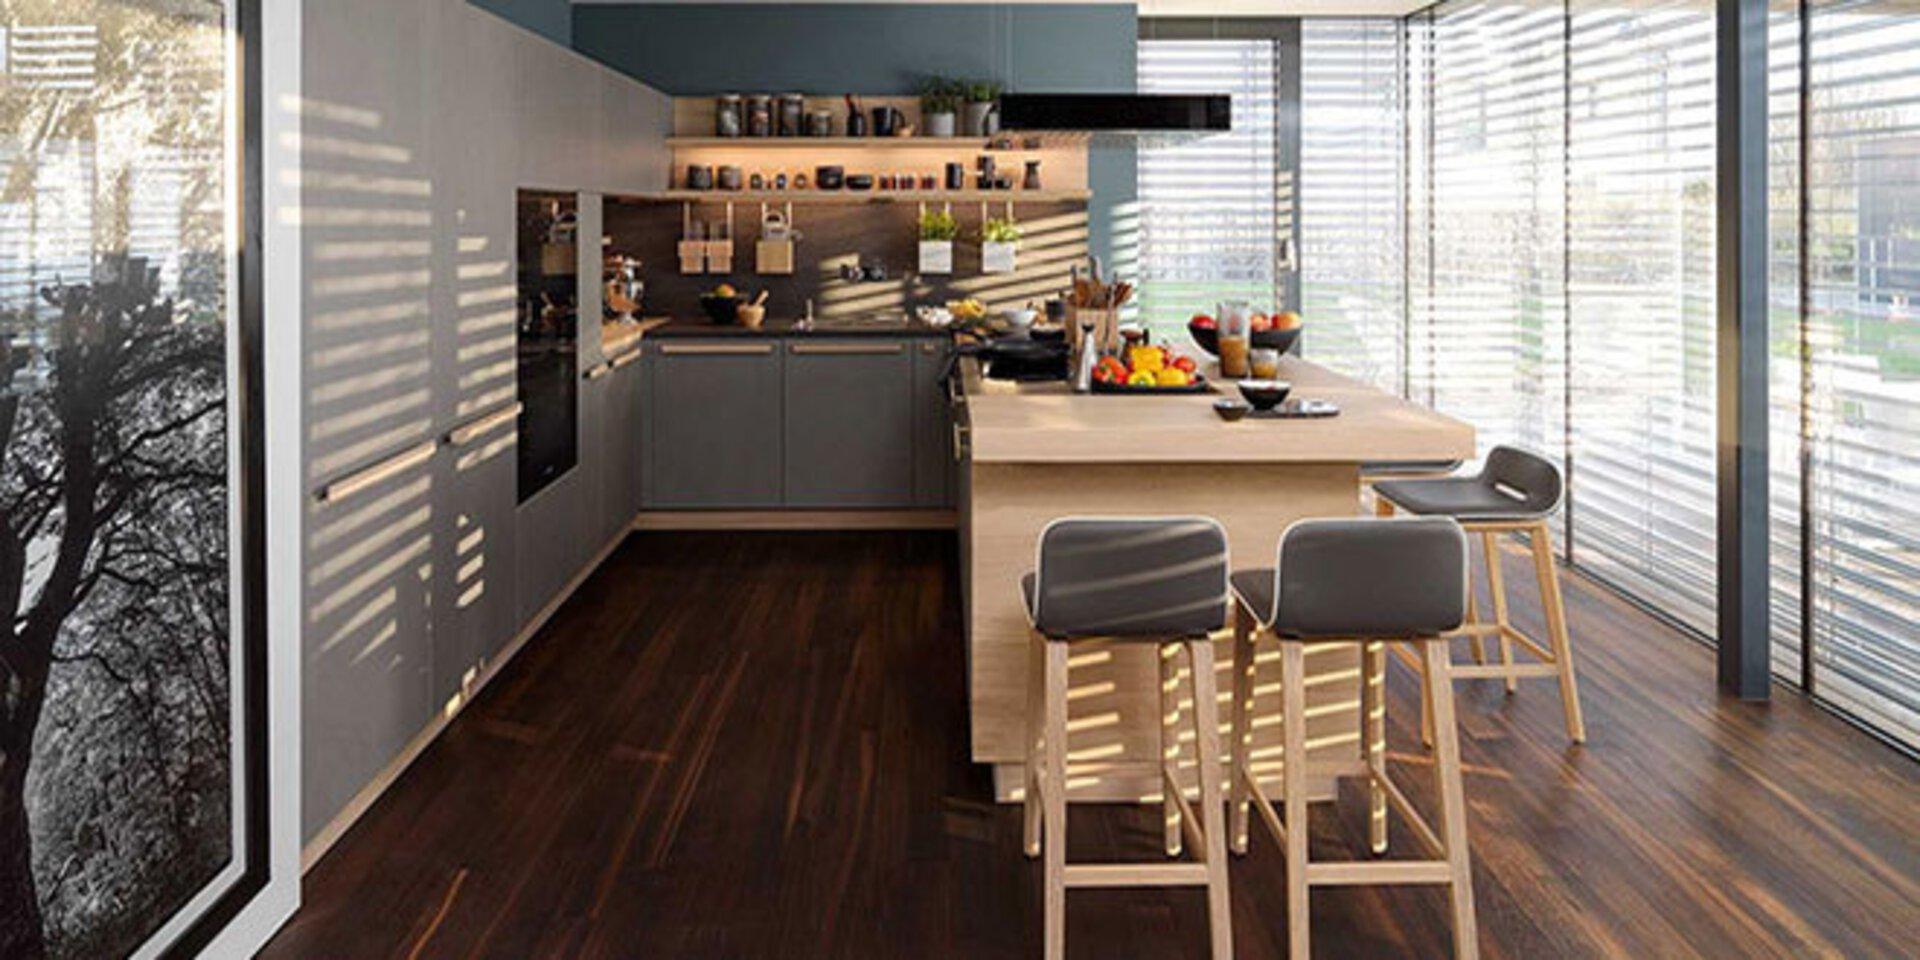 erstes Titelbild der Premiumpartner-Marke TEAM7 zeigt eine offene Küche in U-Form mit Theke und Barhockern.